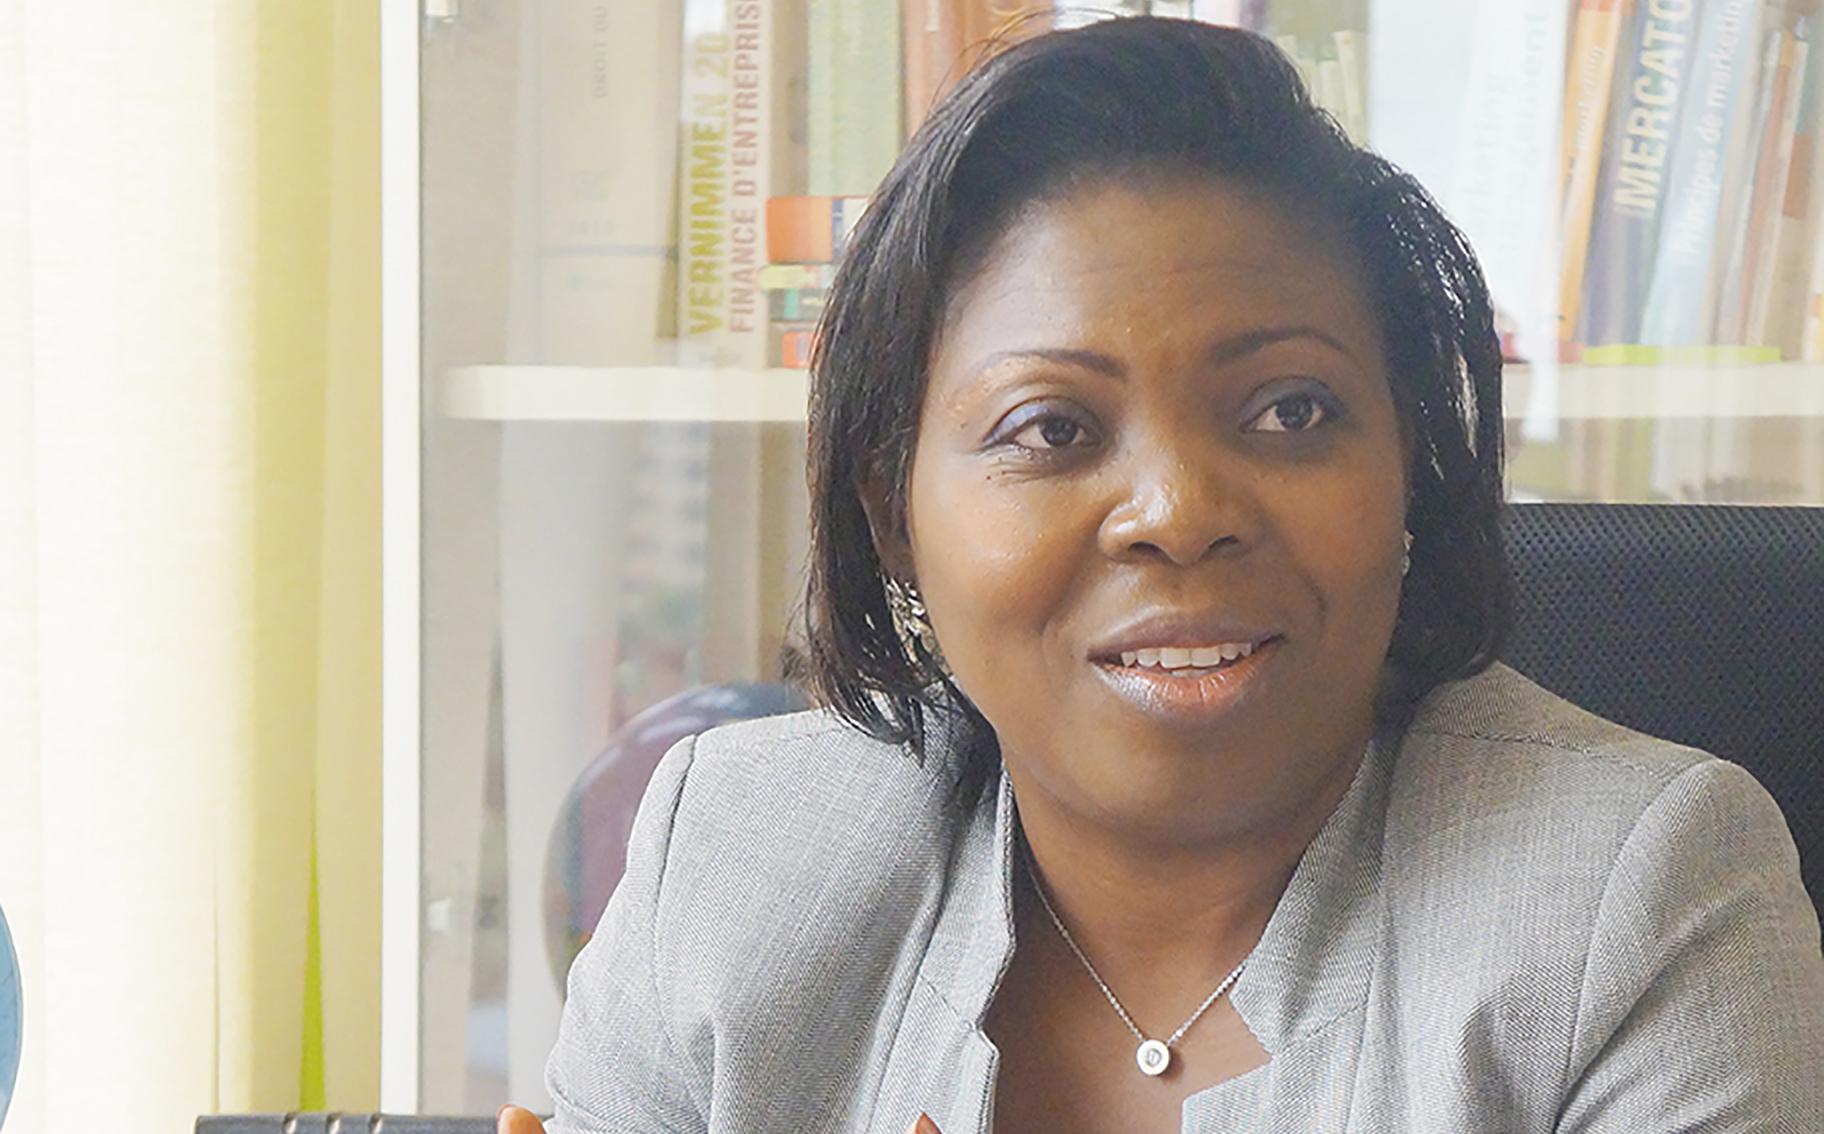 Cameroun : Viviane Ondoua Biwole limogée de l'ISMP après avoir témoigné qu'une femme pouvait succéder à Paul Biya